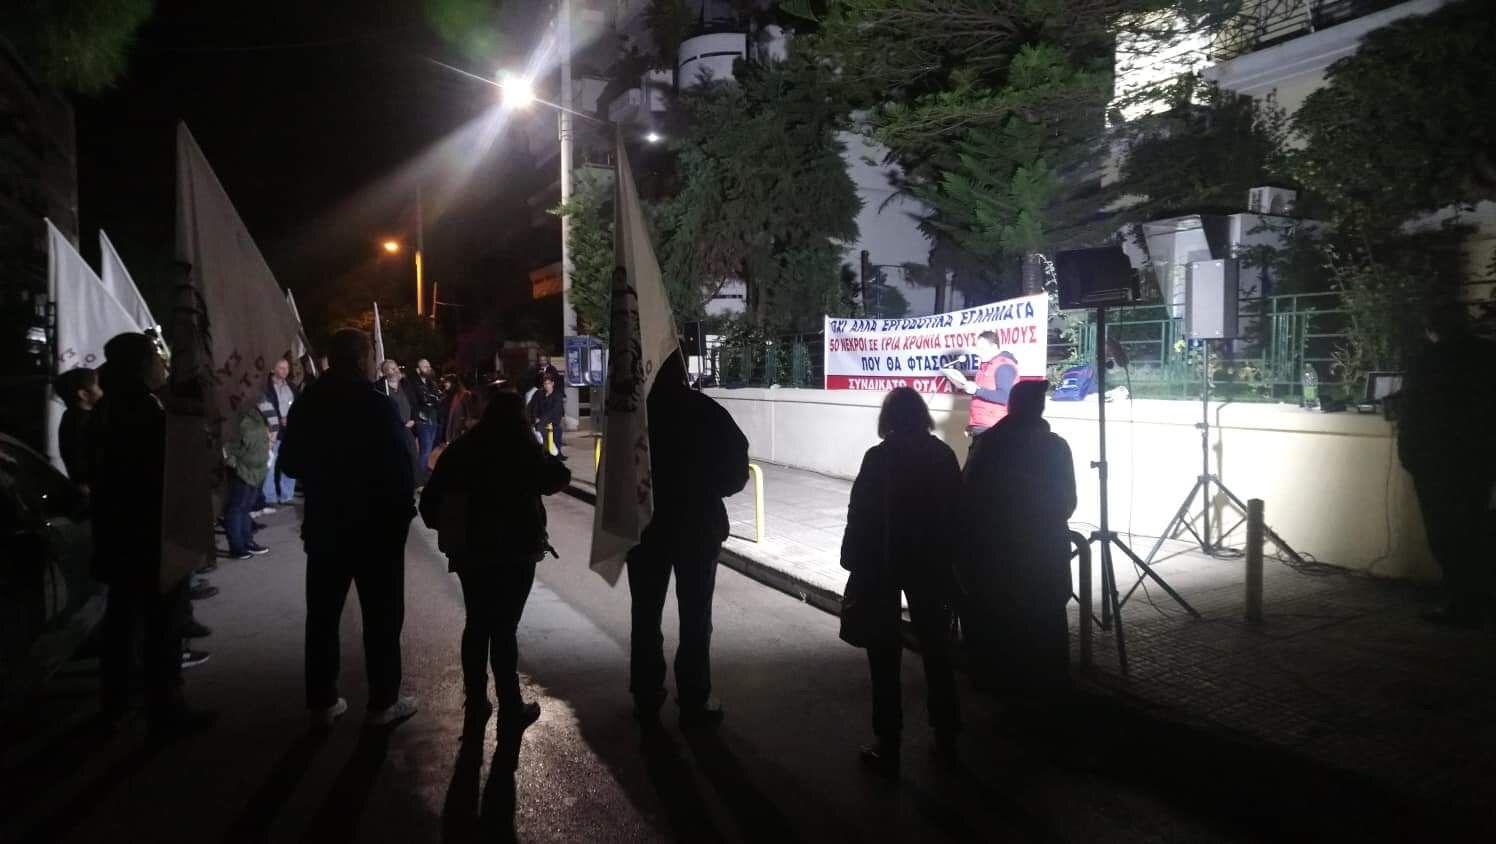 Συγκέντρωση διαμαρτυρίας αυτήν την ώρα έξω από το Δημαρχείο Αλίμου